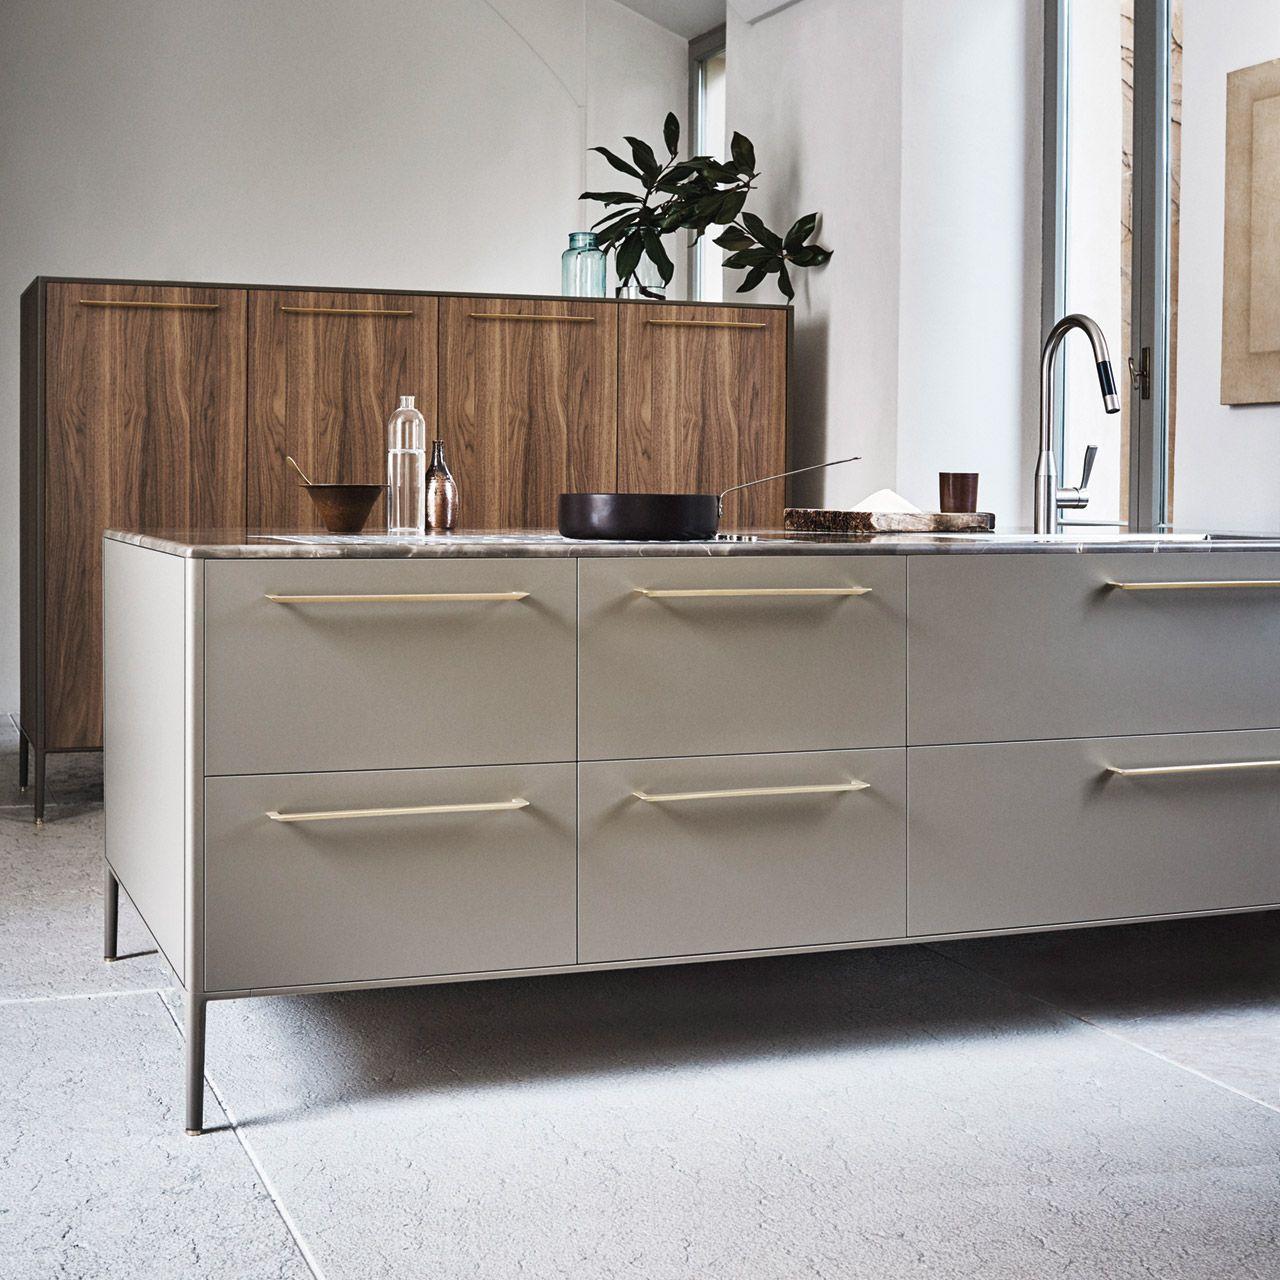 Unit Contemporary Italian Kitchen Cabinet System From Cesar Freestanding Kitchen Unique Kitchen Interior Design Kitchen